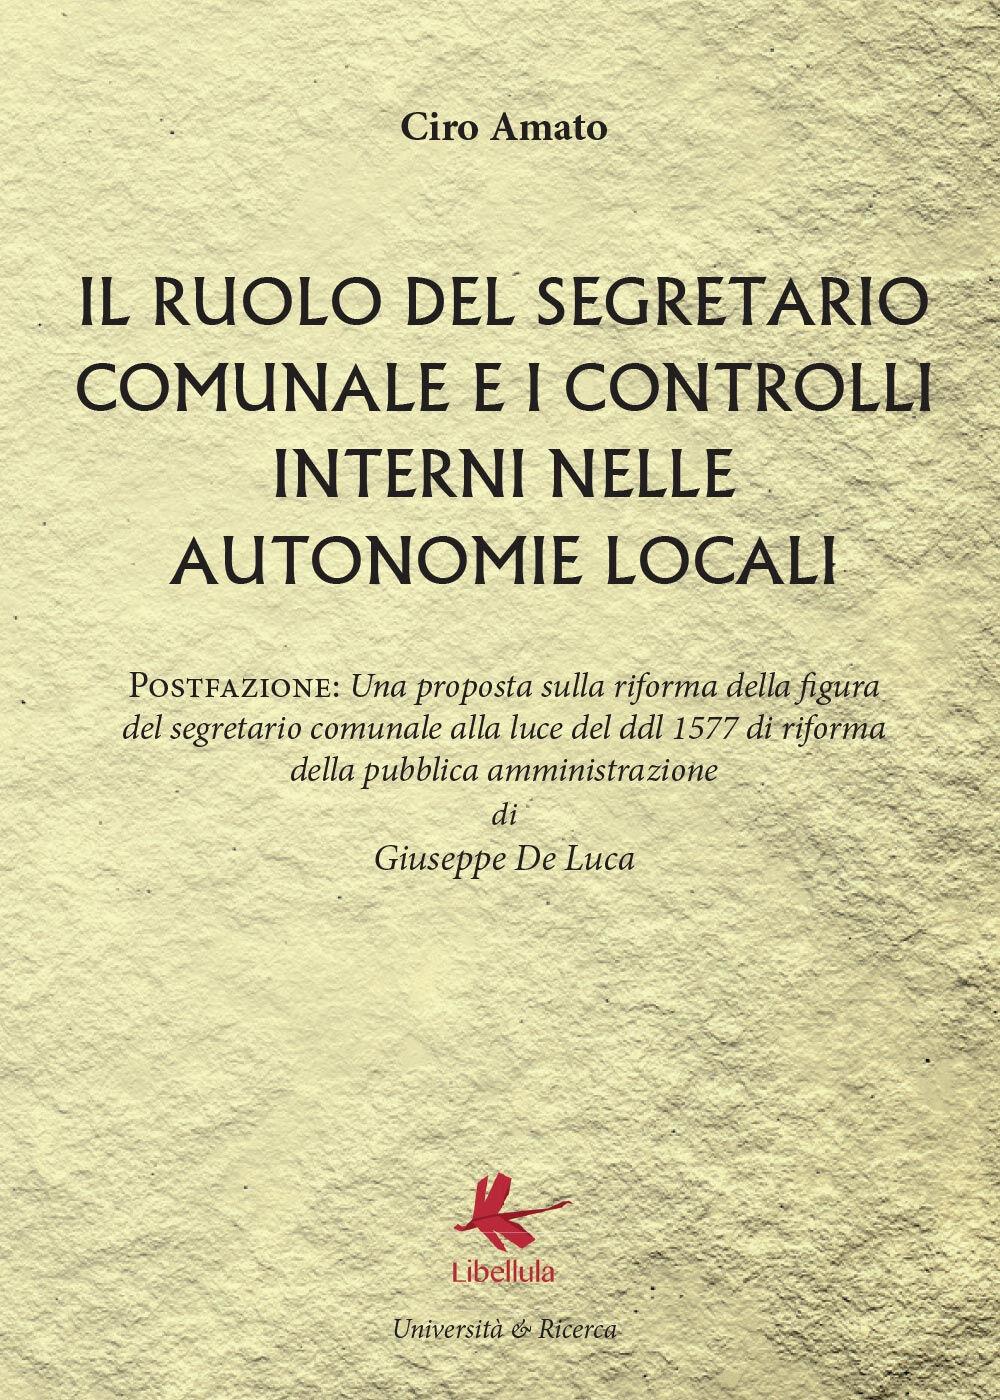 Il ruolo del segretario comunale e i controlli interni nelle autonomie locali